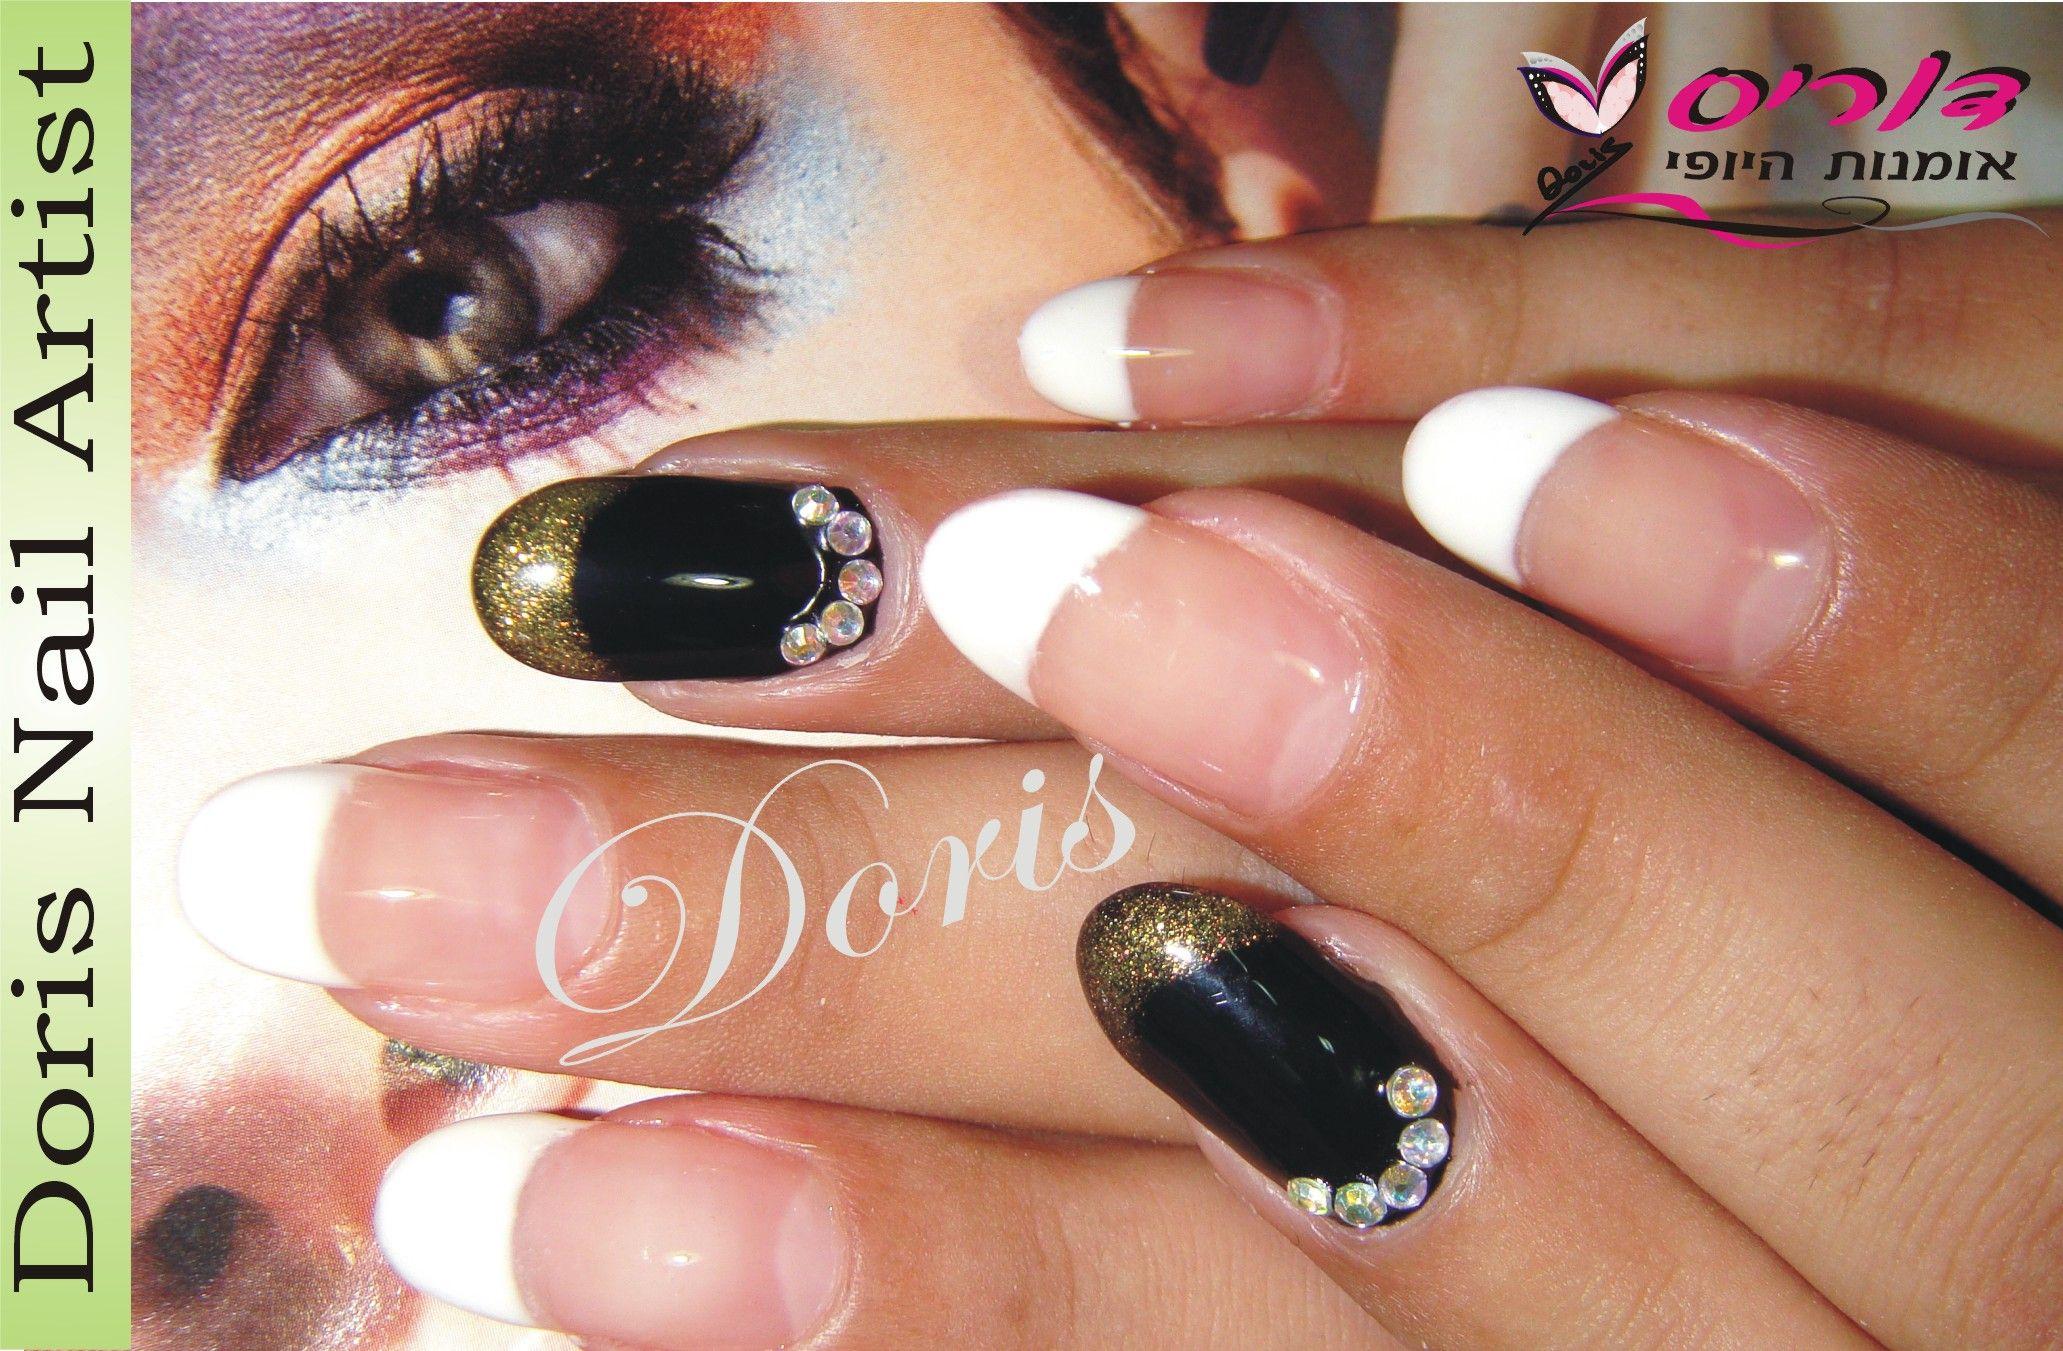 פרנץ לבן ציפורן שחור זהב ג'ל white gel nail art | Nail ...